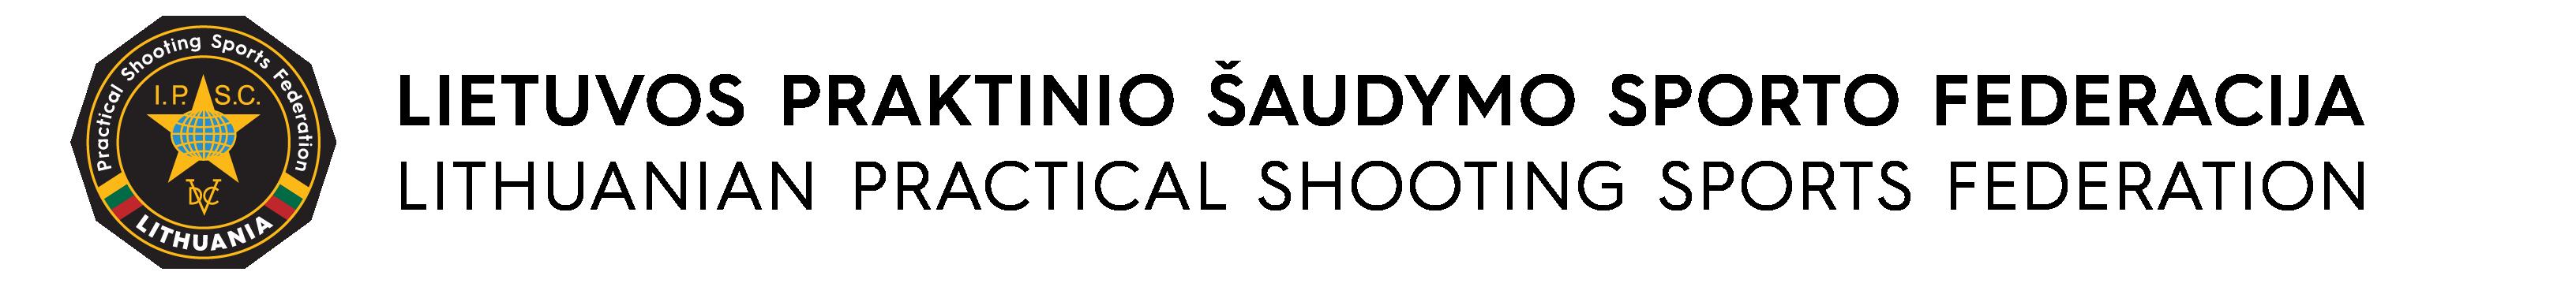 Lietuvos praktinio šaudymo sporto federacija